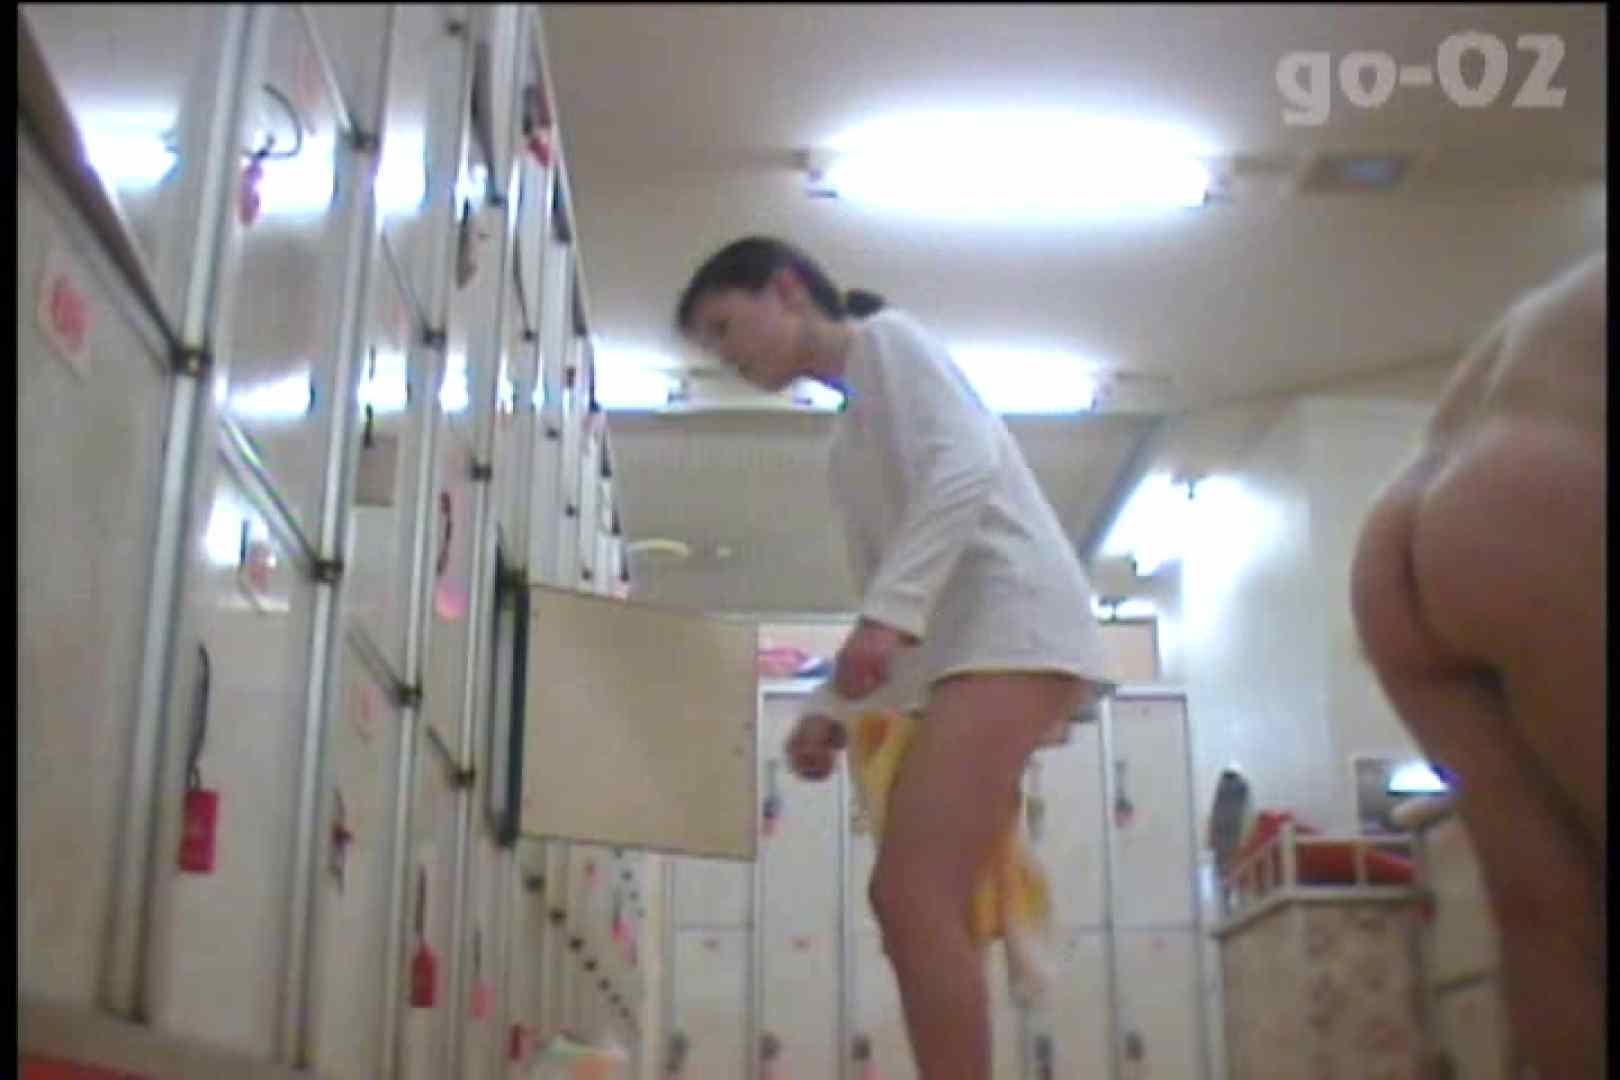 電波カメラ設置浴場からの防HAN映像 Vol.02 OLの実態 | 盗撮  105pic 19